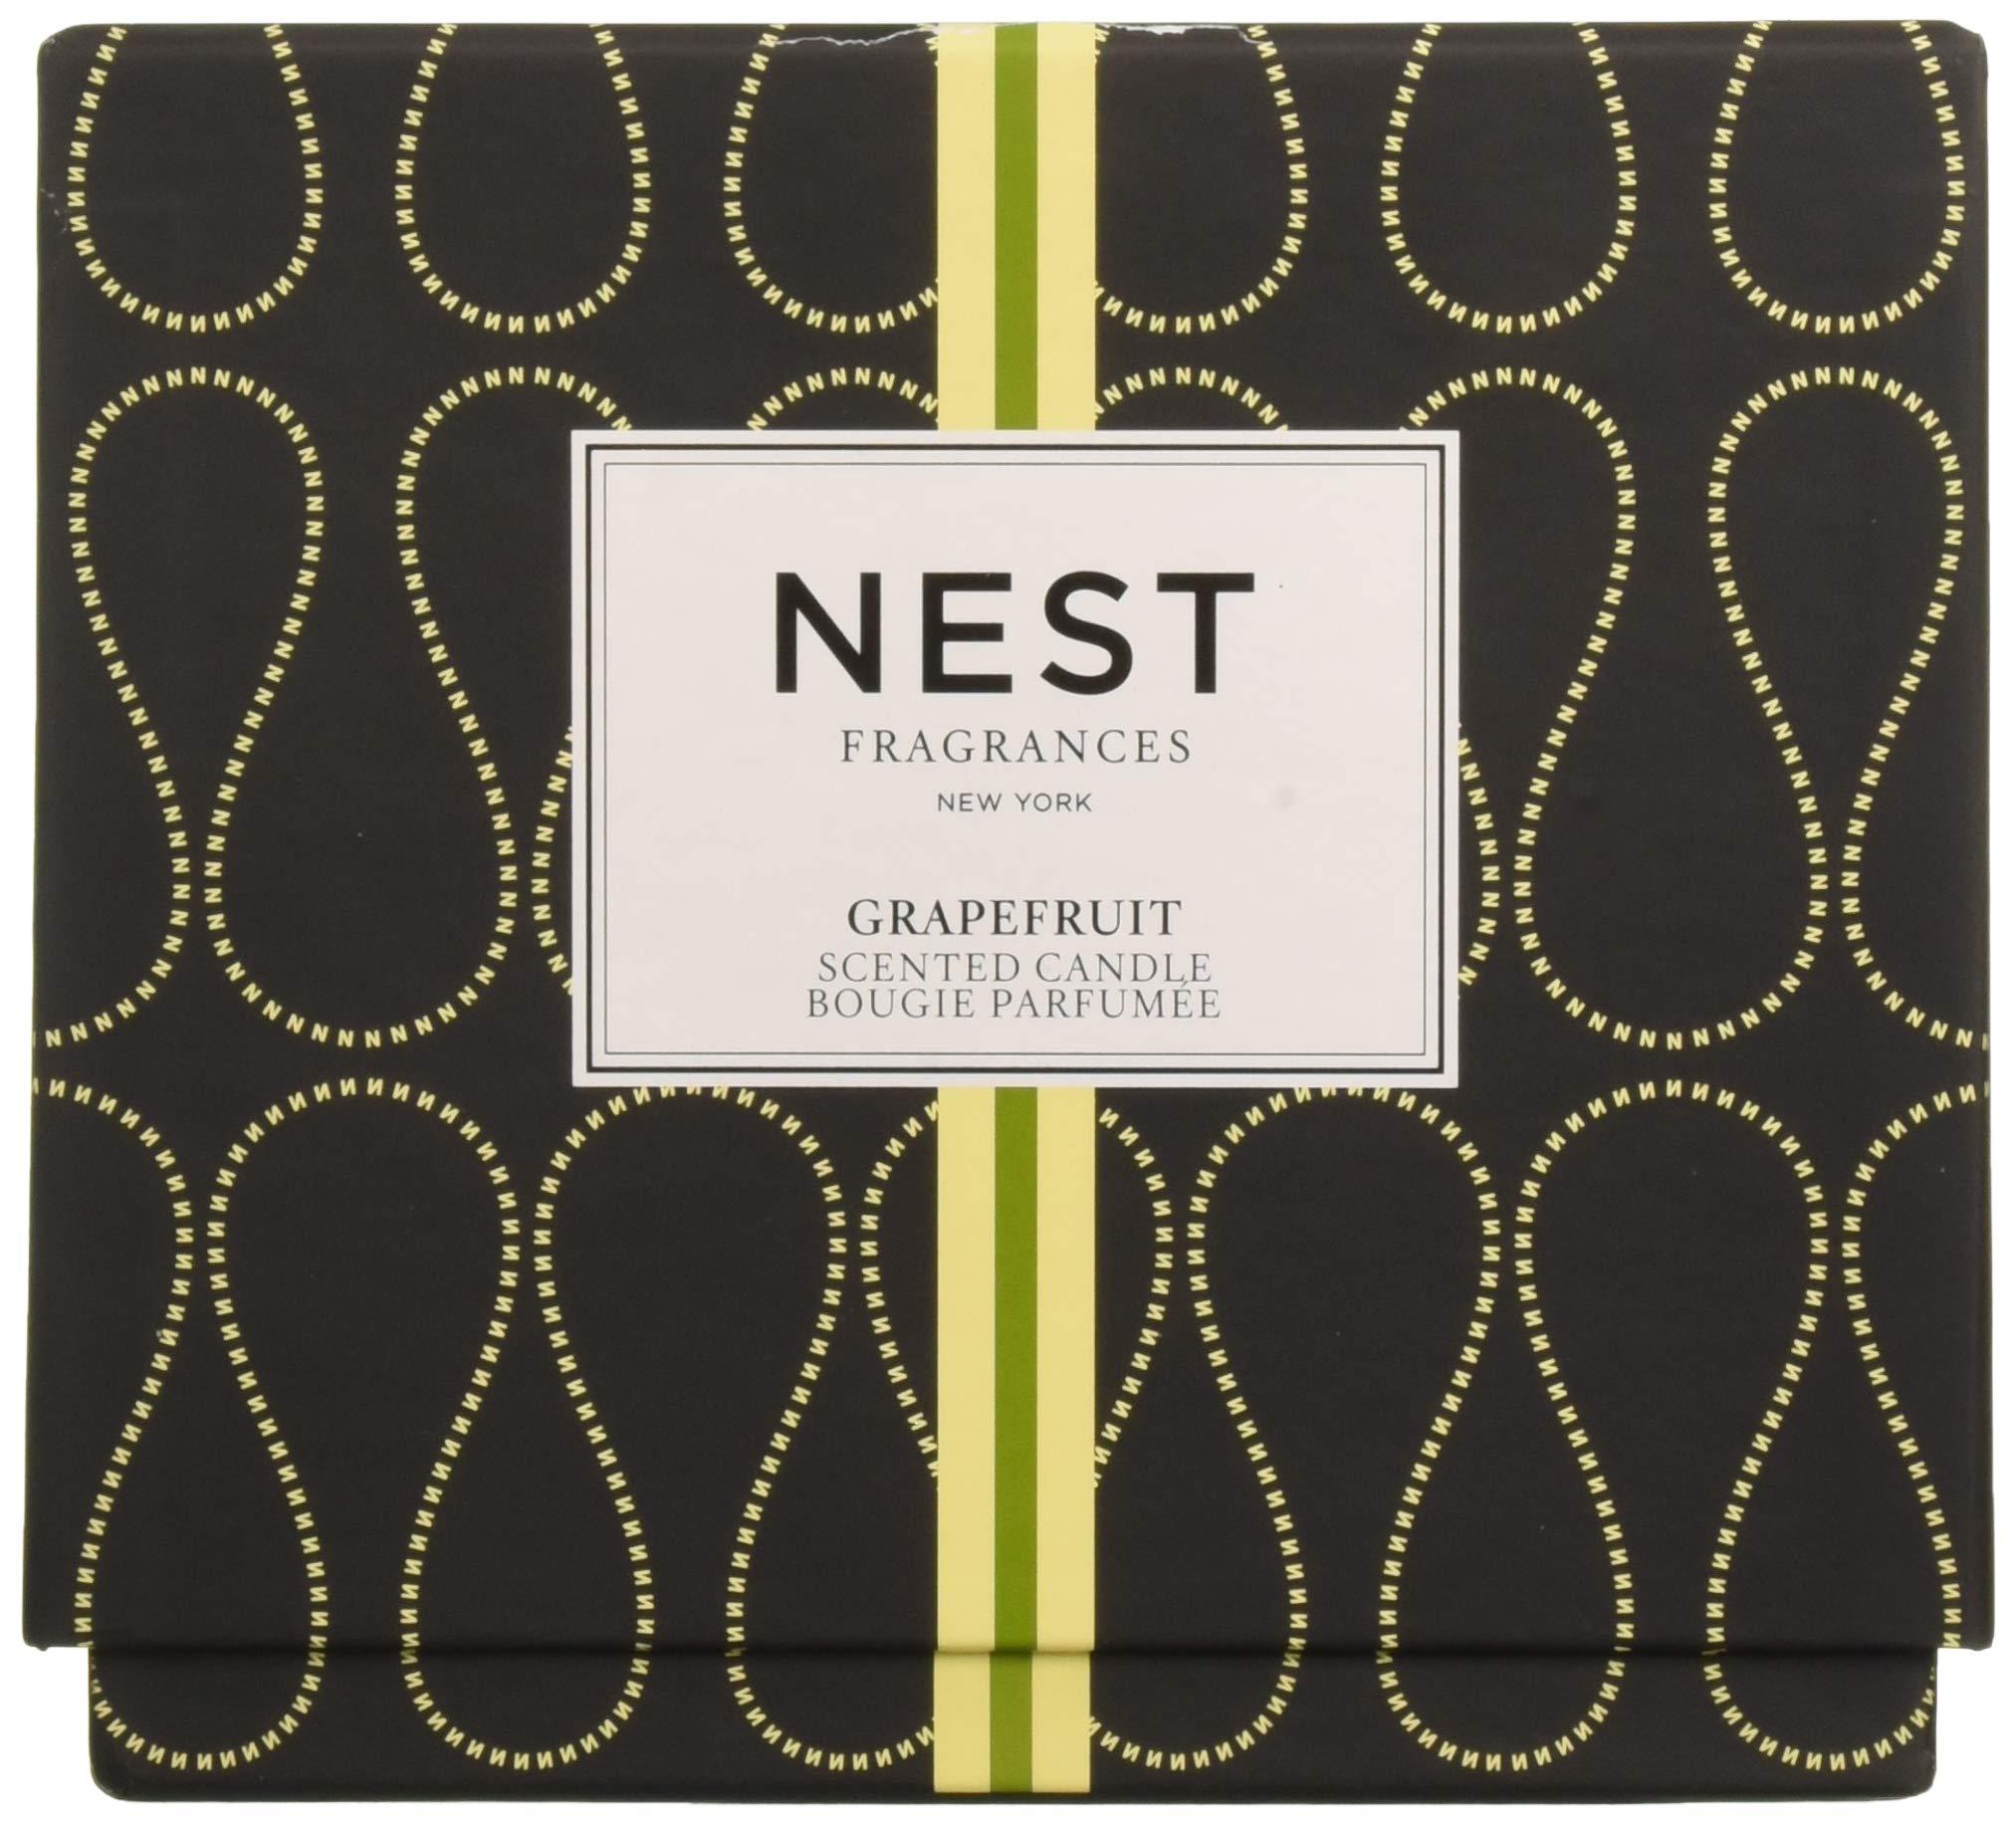 NEST Fragrances Grapefruit Luxury Candle by NEST Fragrances (Image #3)